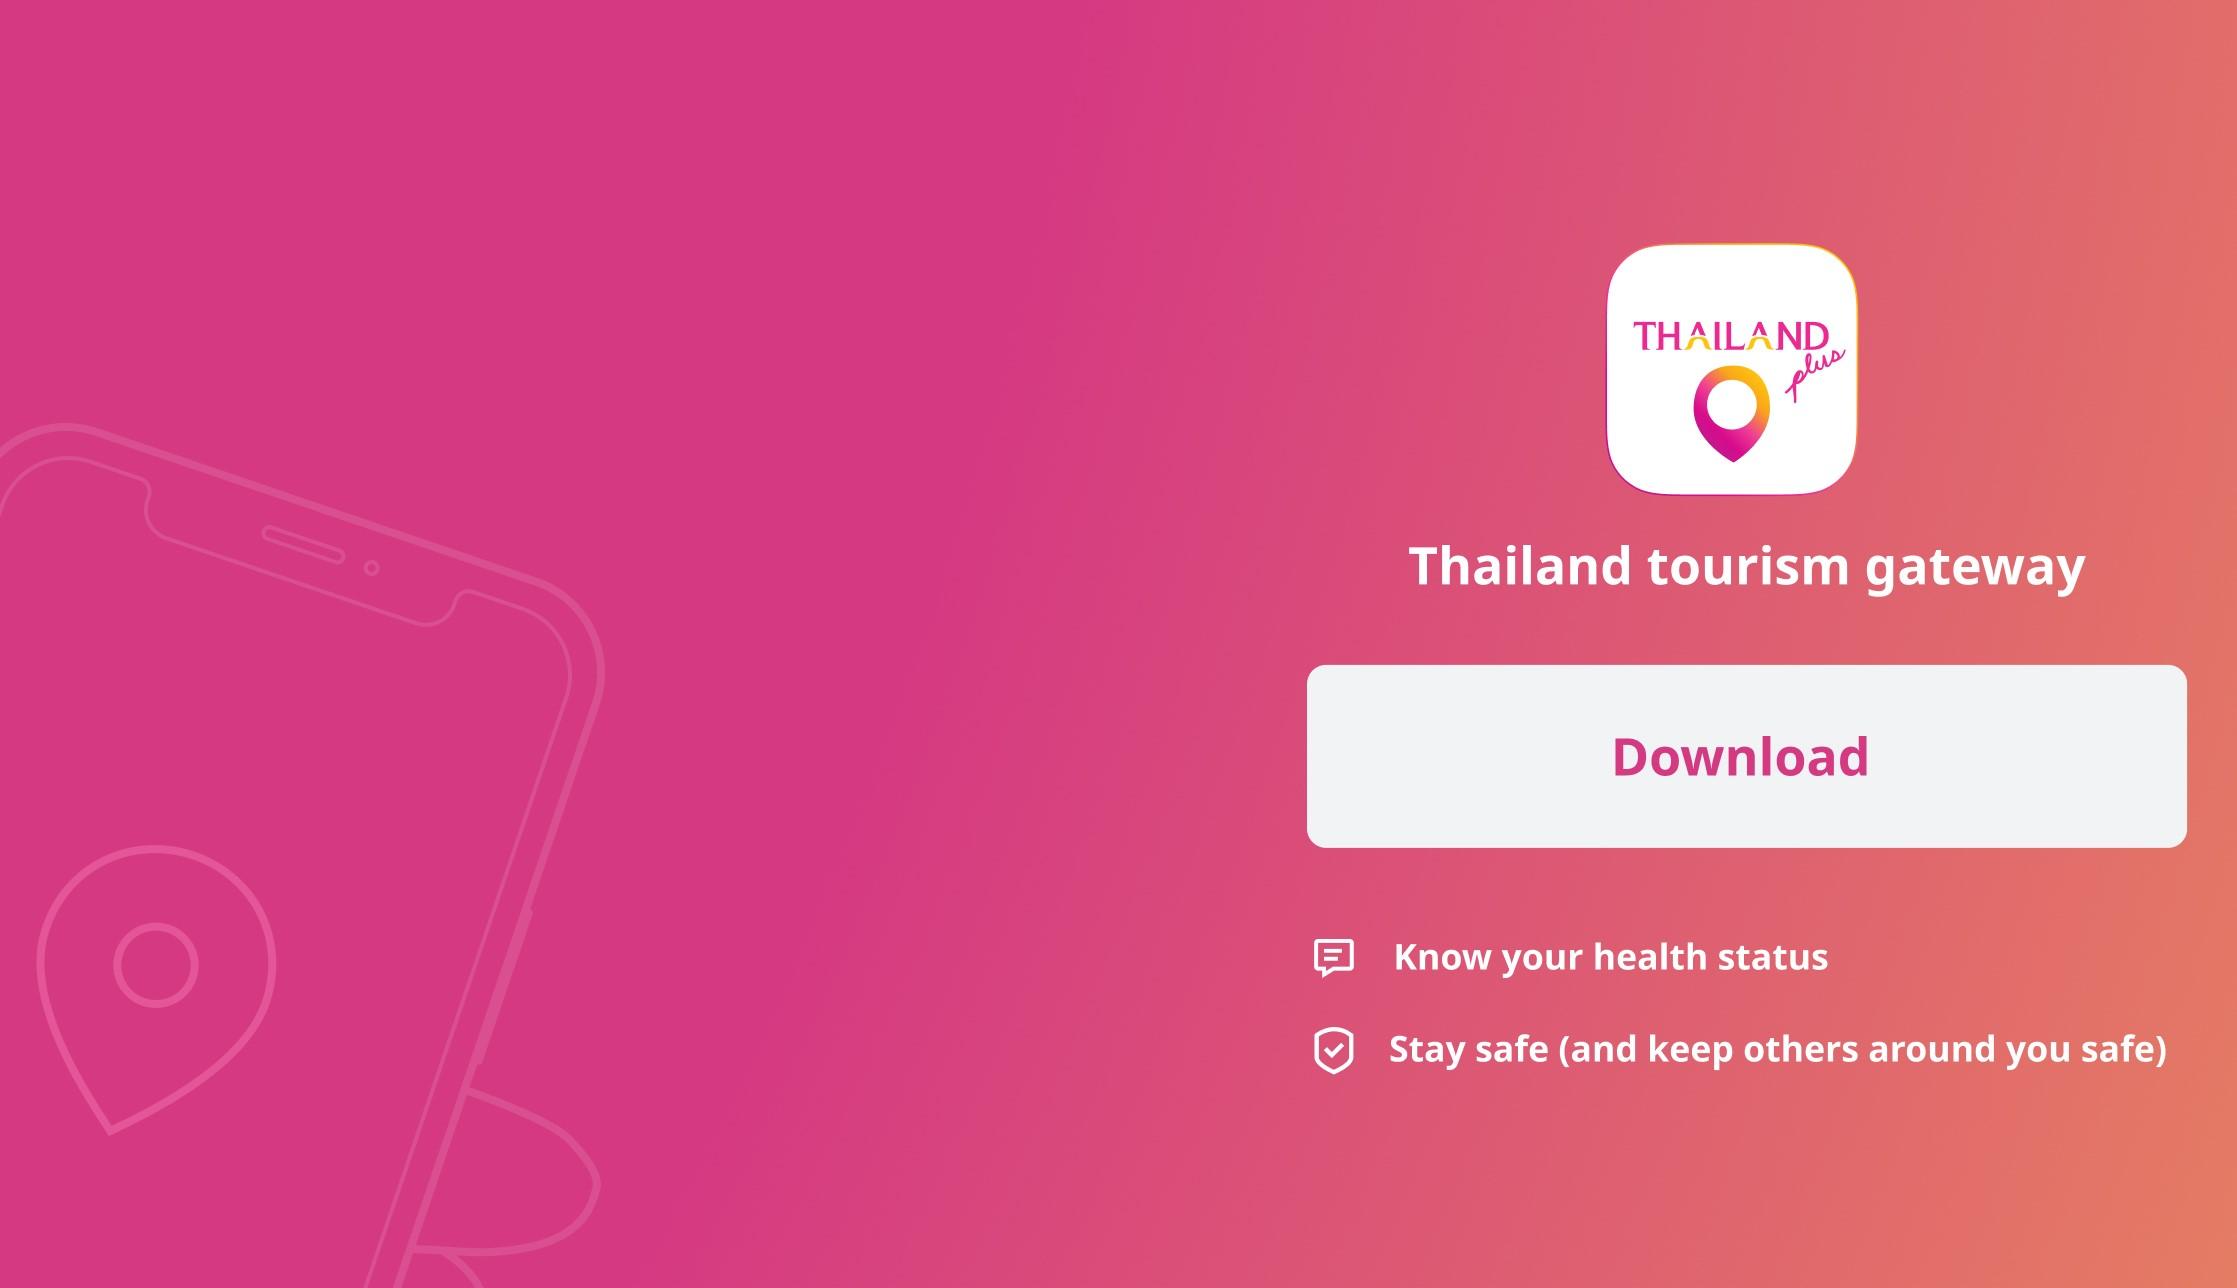 ThailandPlus